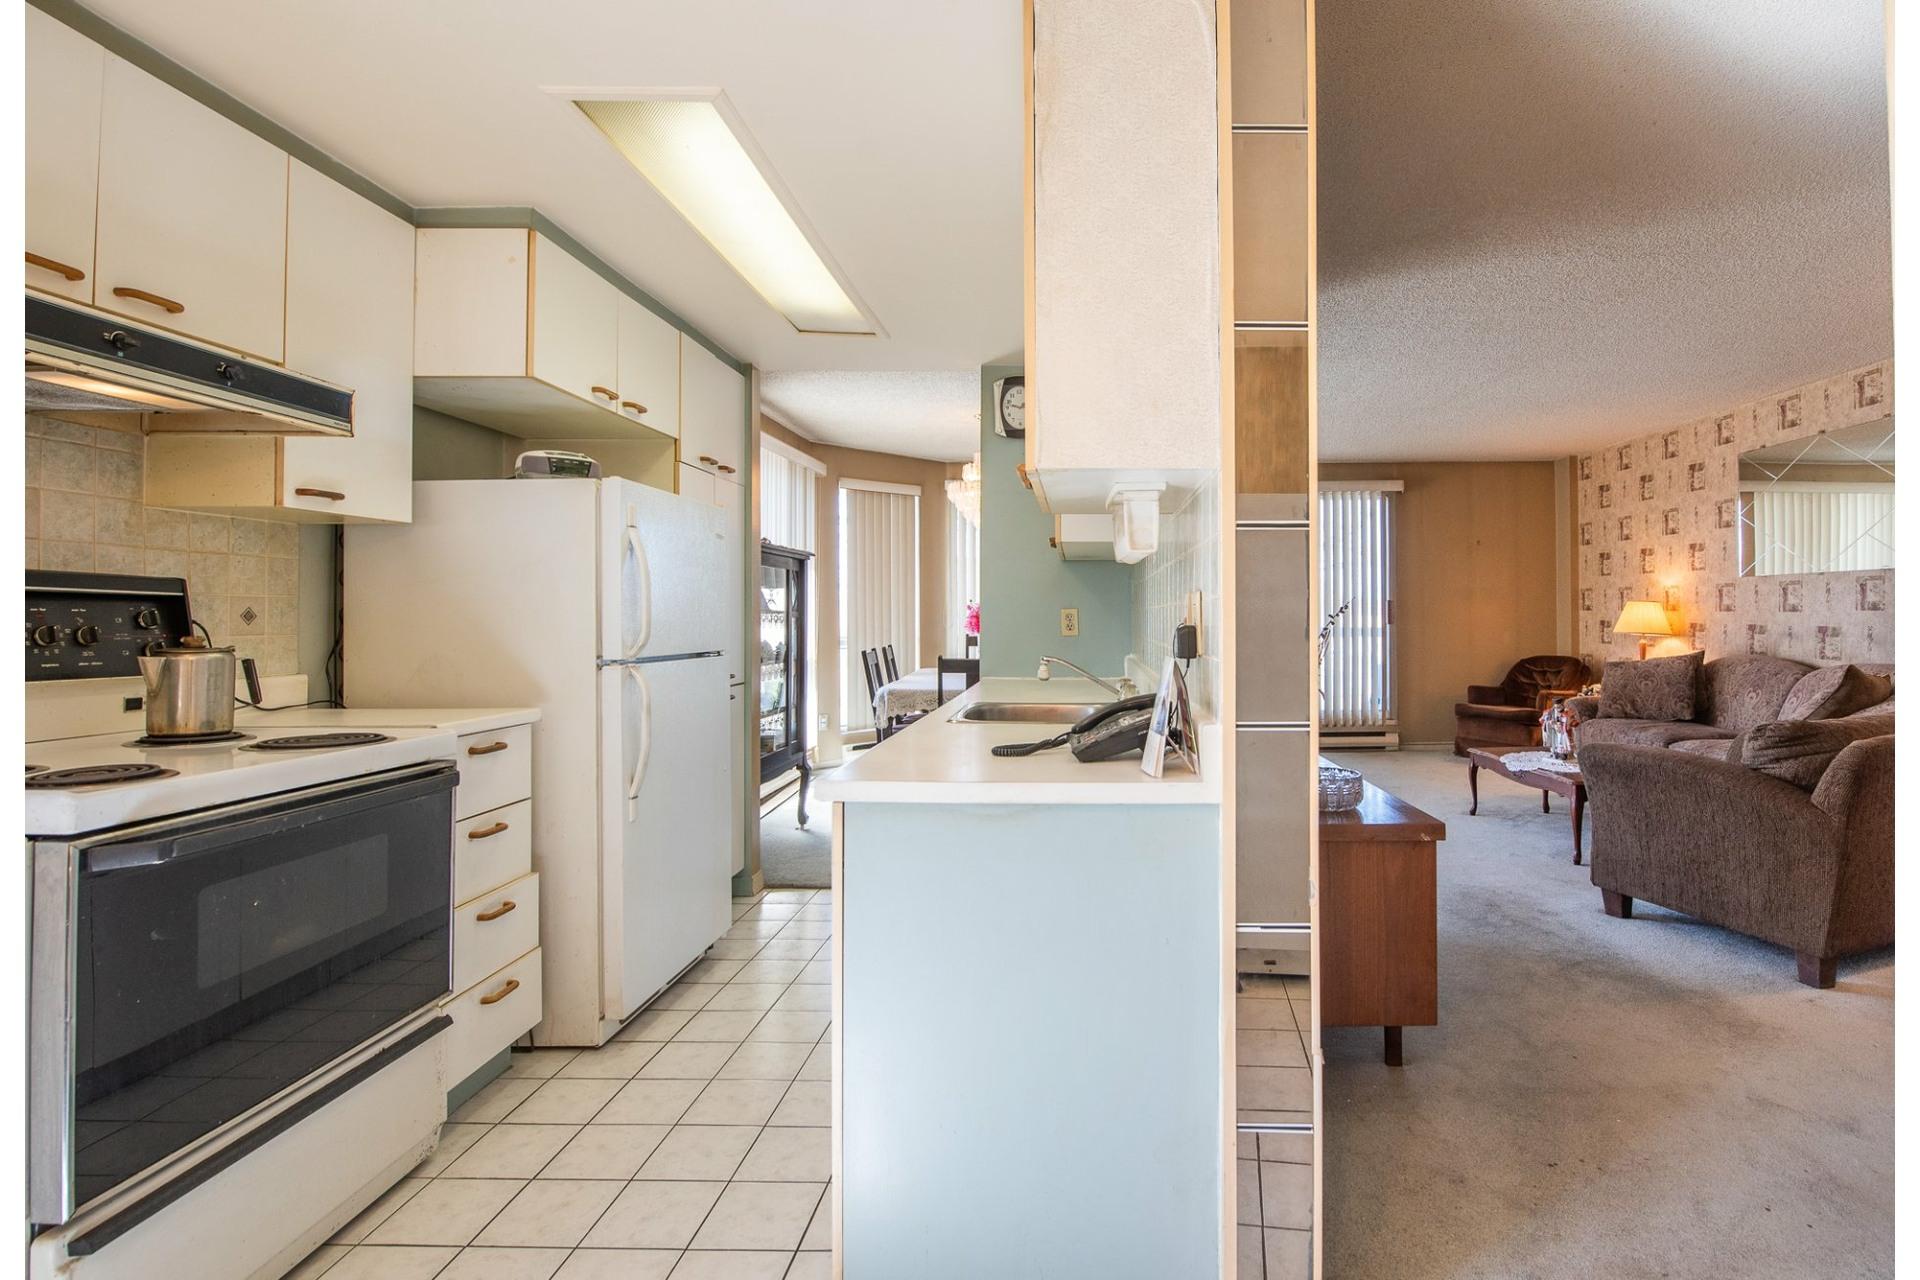 image 13 - Apartment For sale Montréal Saint-Laurent  - 5 rooms